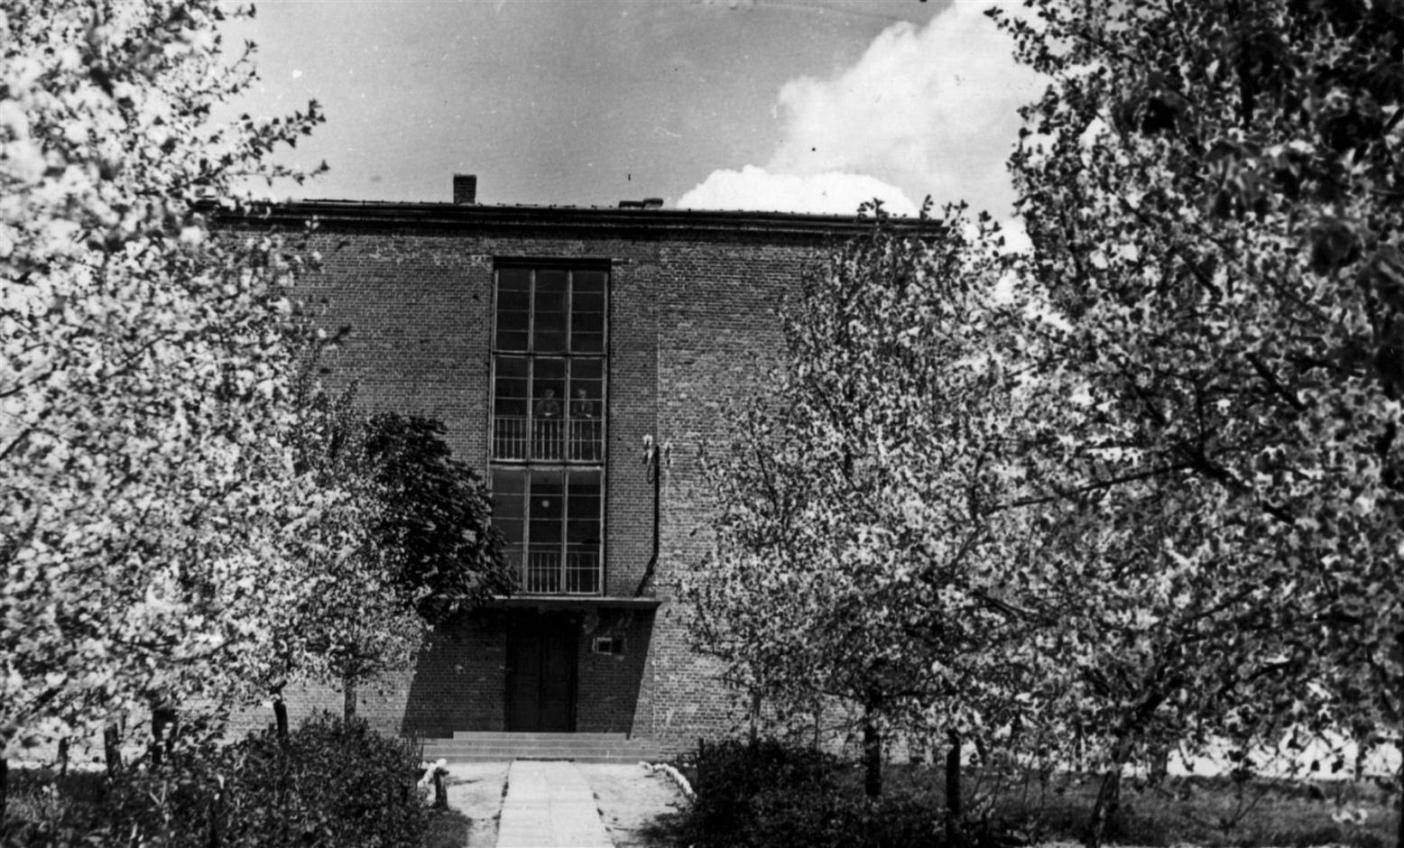 Widok frontu szkoły w Księżomierzu ... Widok budynku szkoły bezpośrednio po jej ukończeniu, przełom  lat 50-tych i 60-tych XX wieku